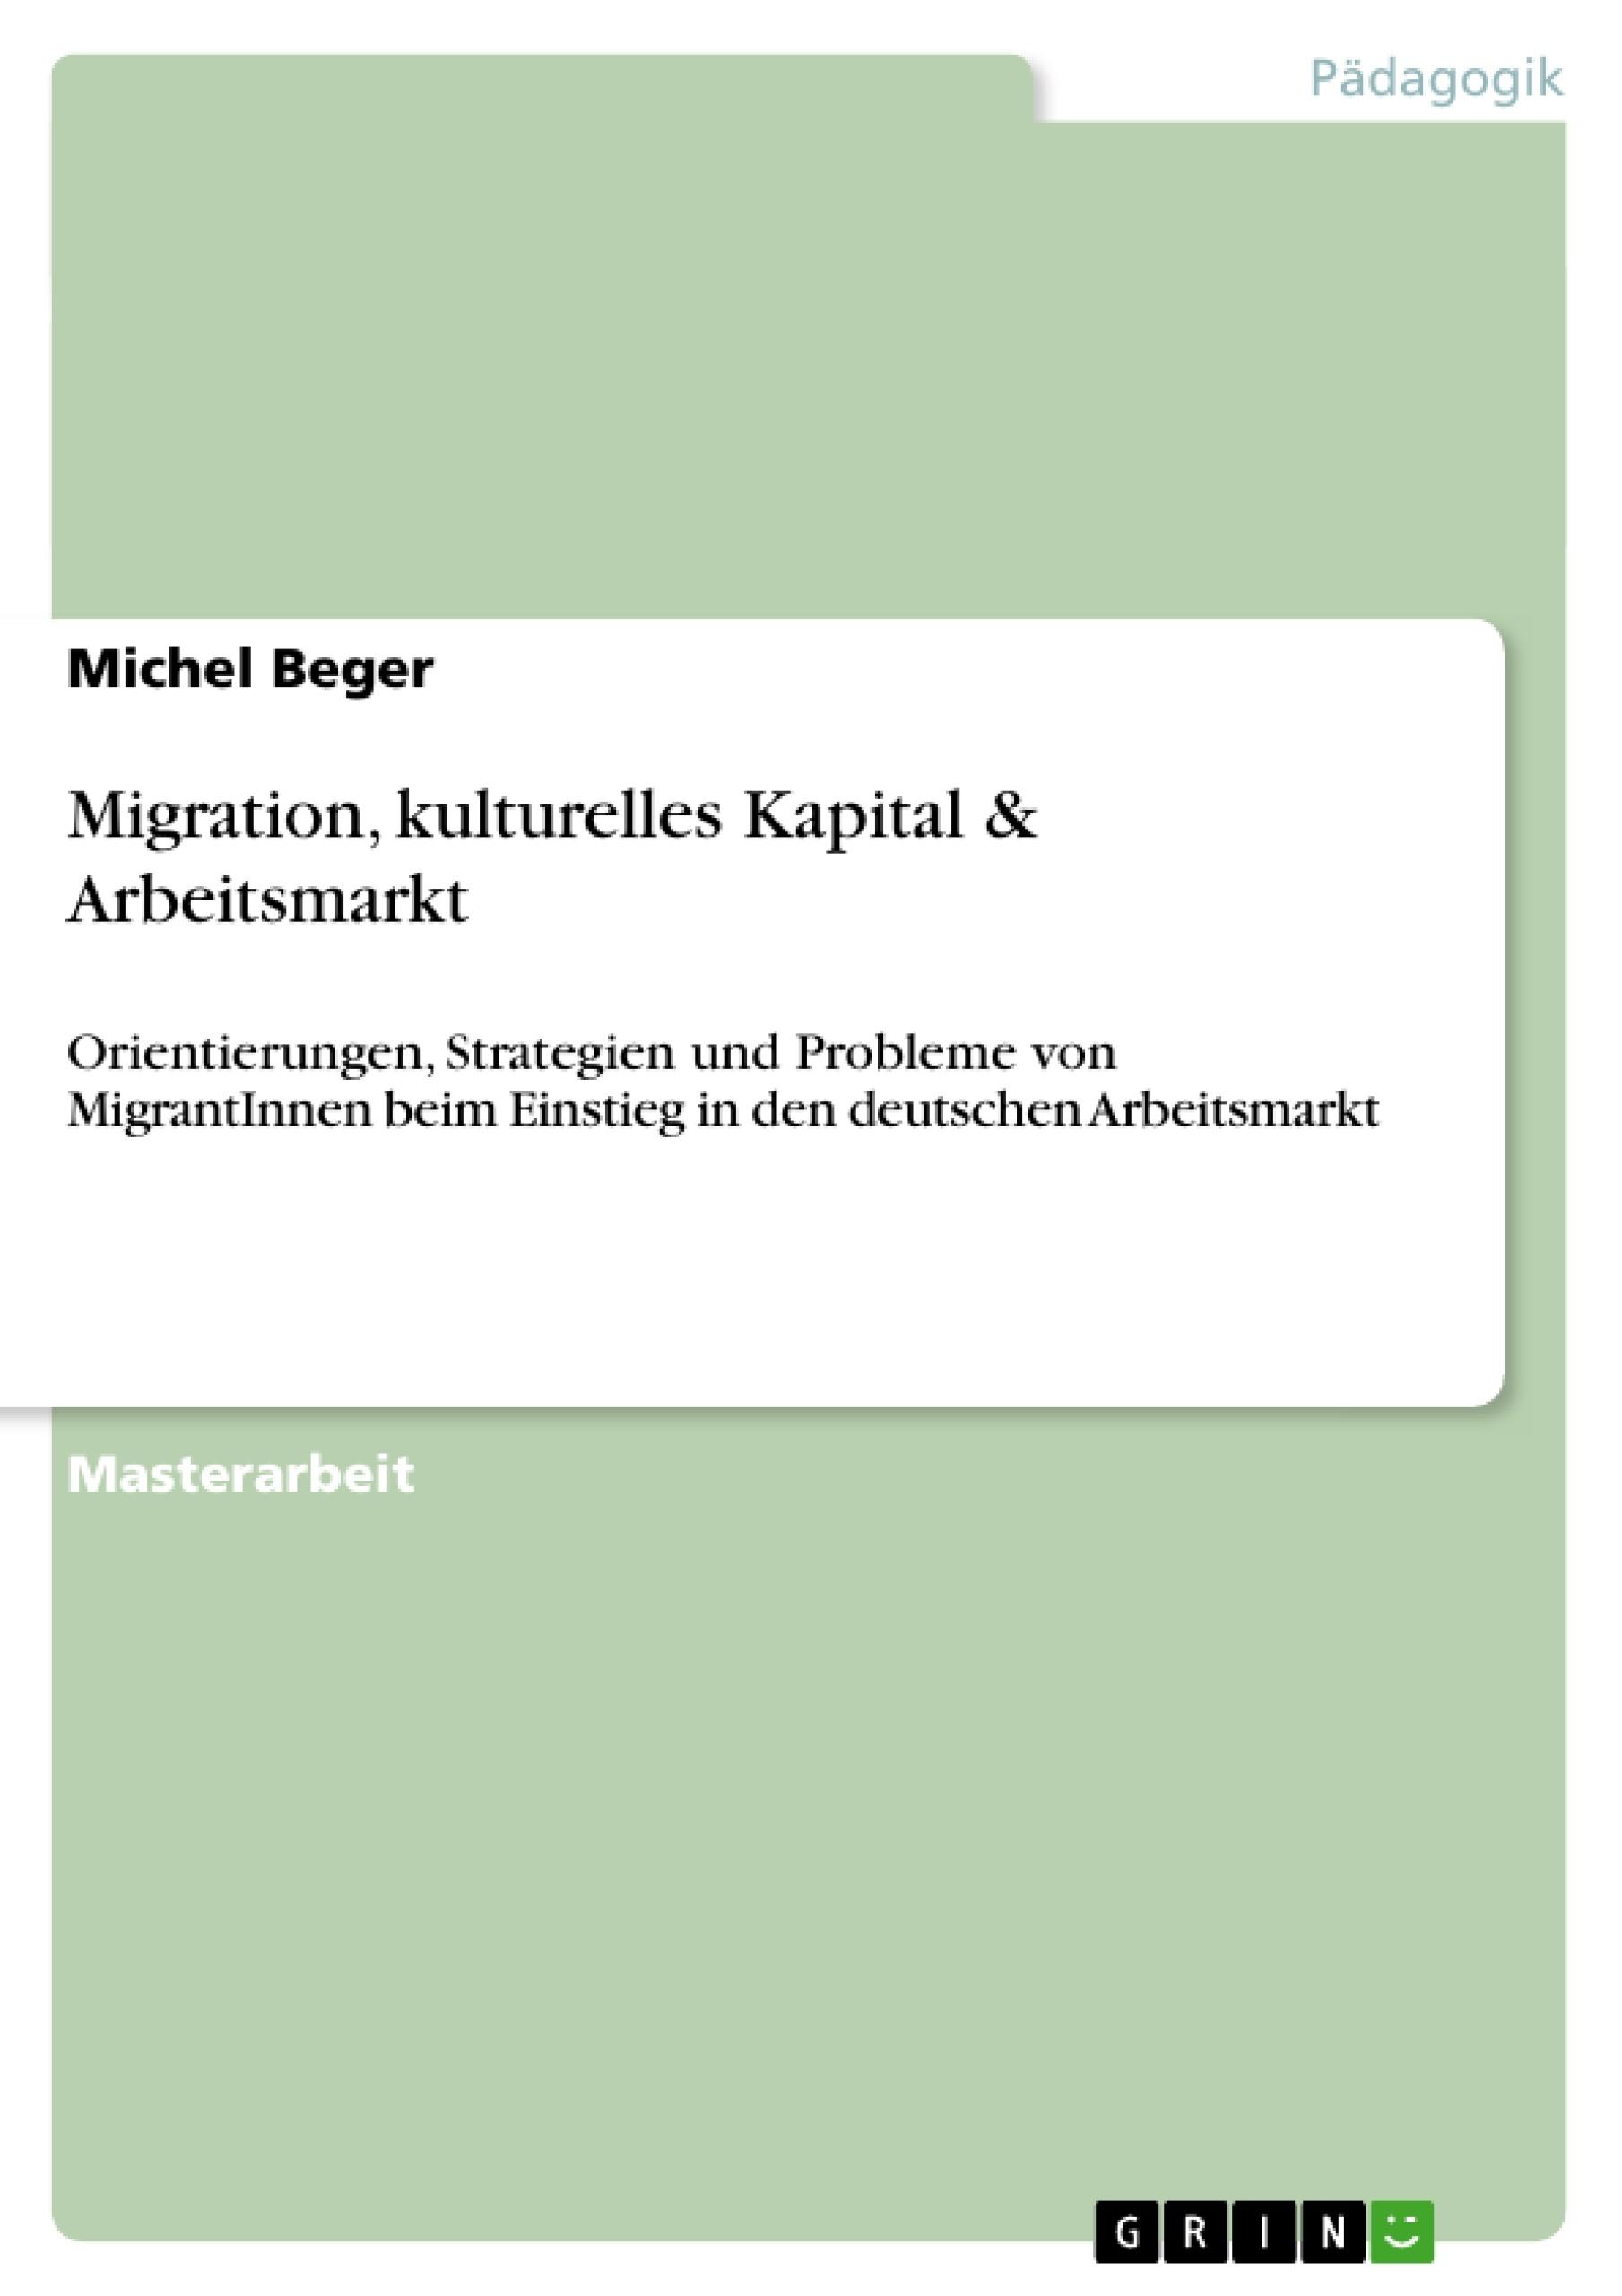 Titel: Migration, kulturelles Kapital & Arbeitsmarkt